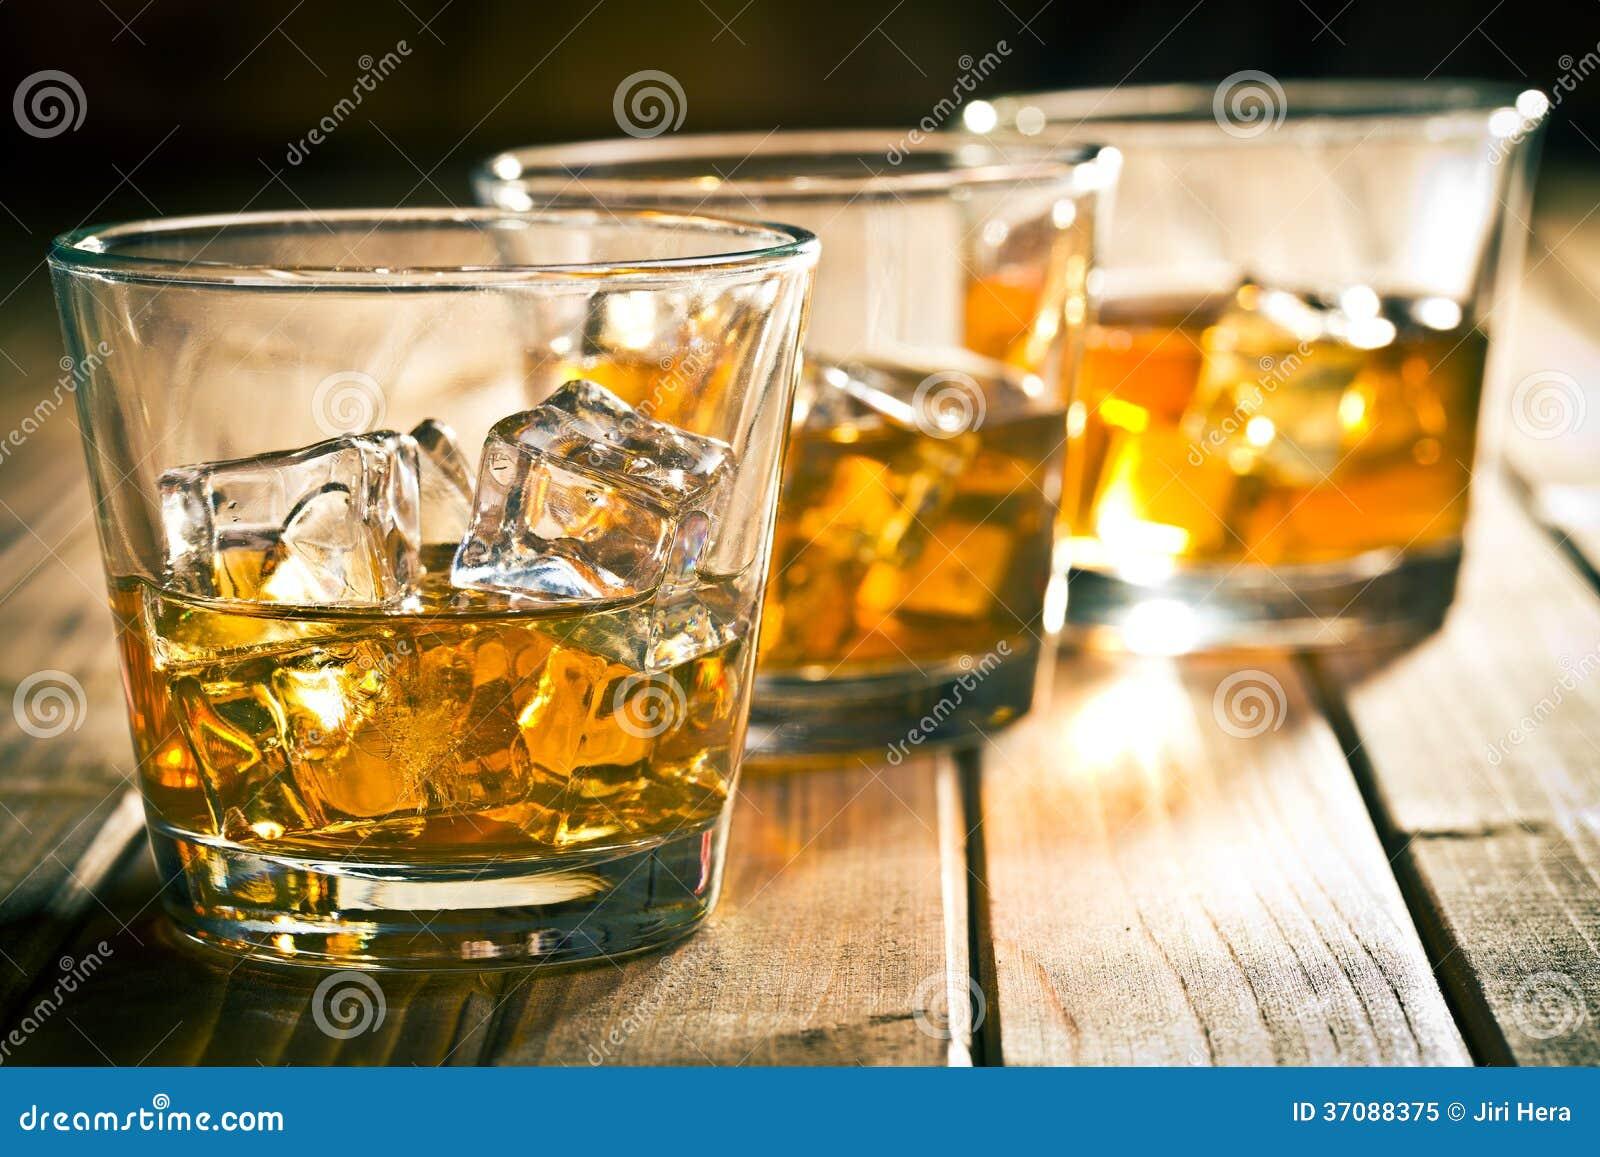 Download Whisky w szkle z lodem obraz stock. Obraz złożonej z glassblower - 37088375